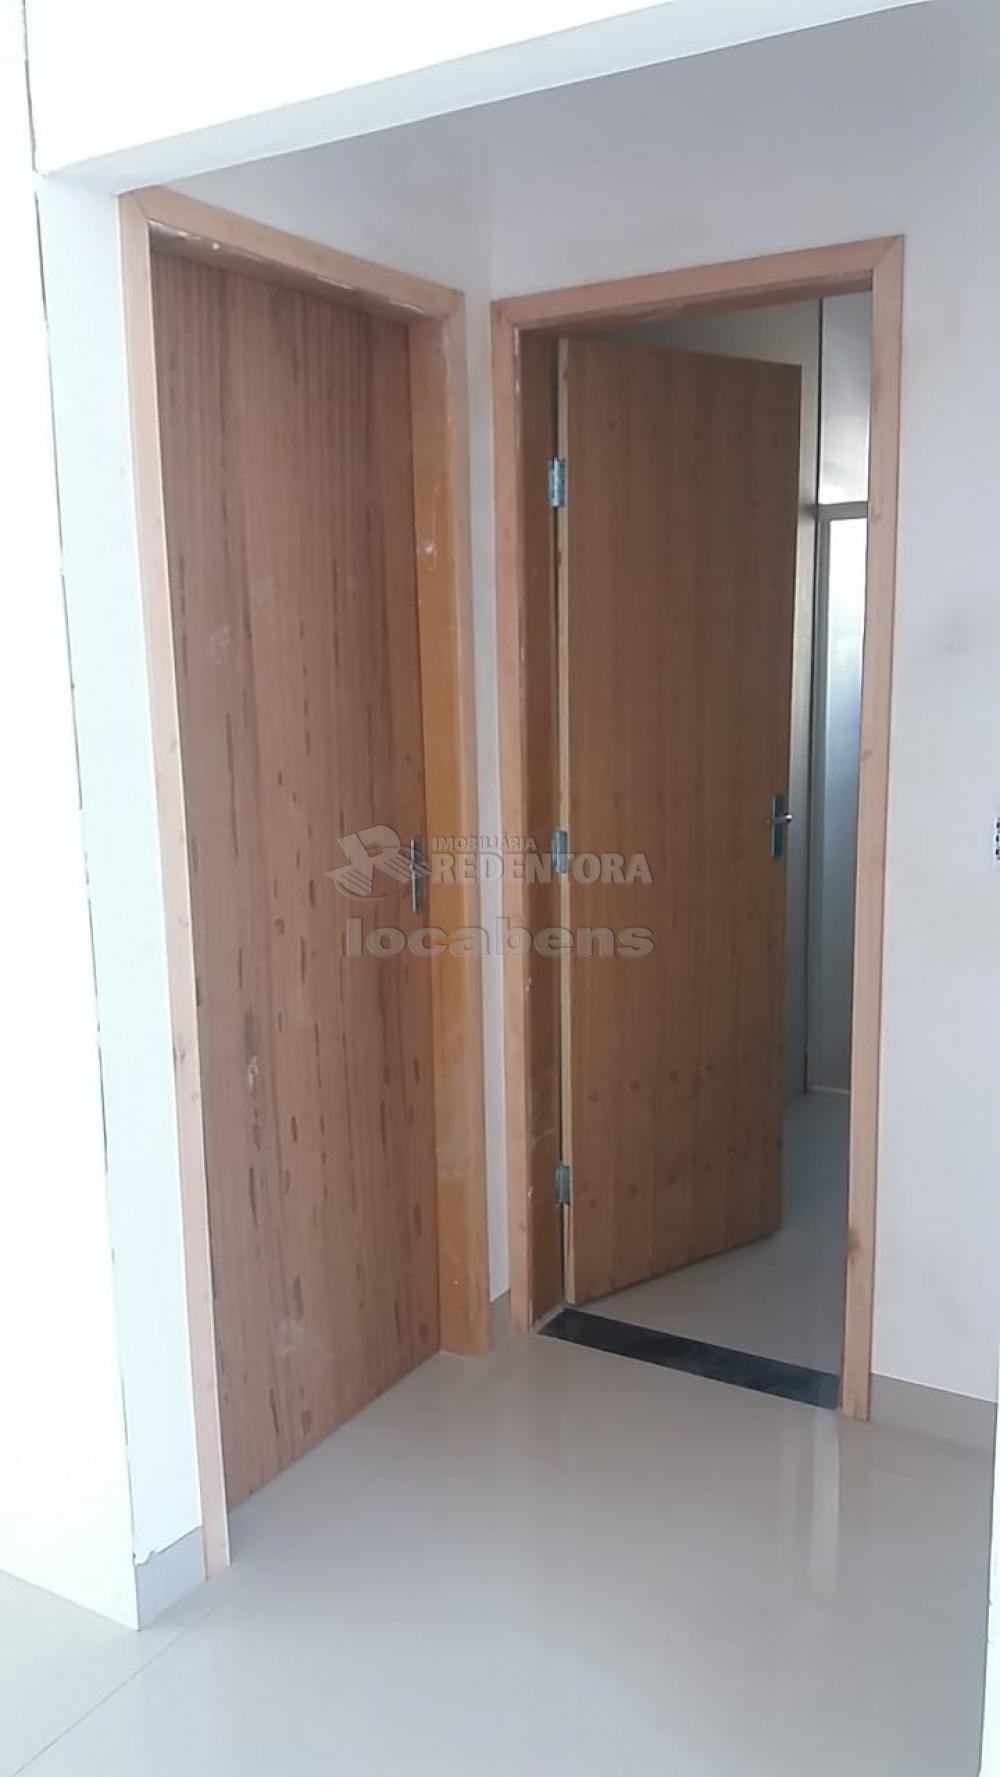 Comprar Casa / Padrão em Bady Bassitt R$ 300.000,00 - Foto 4